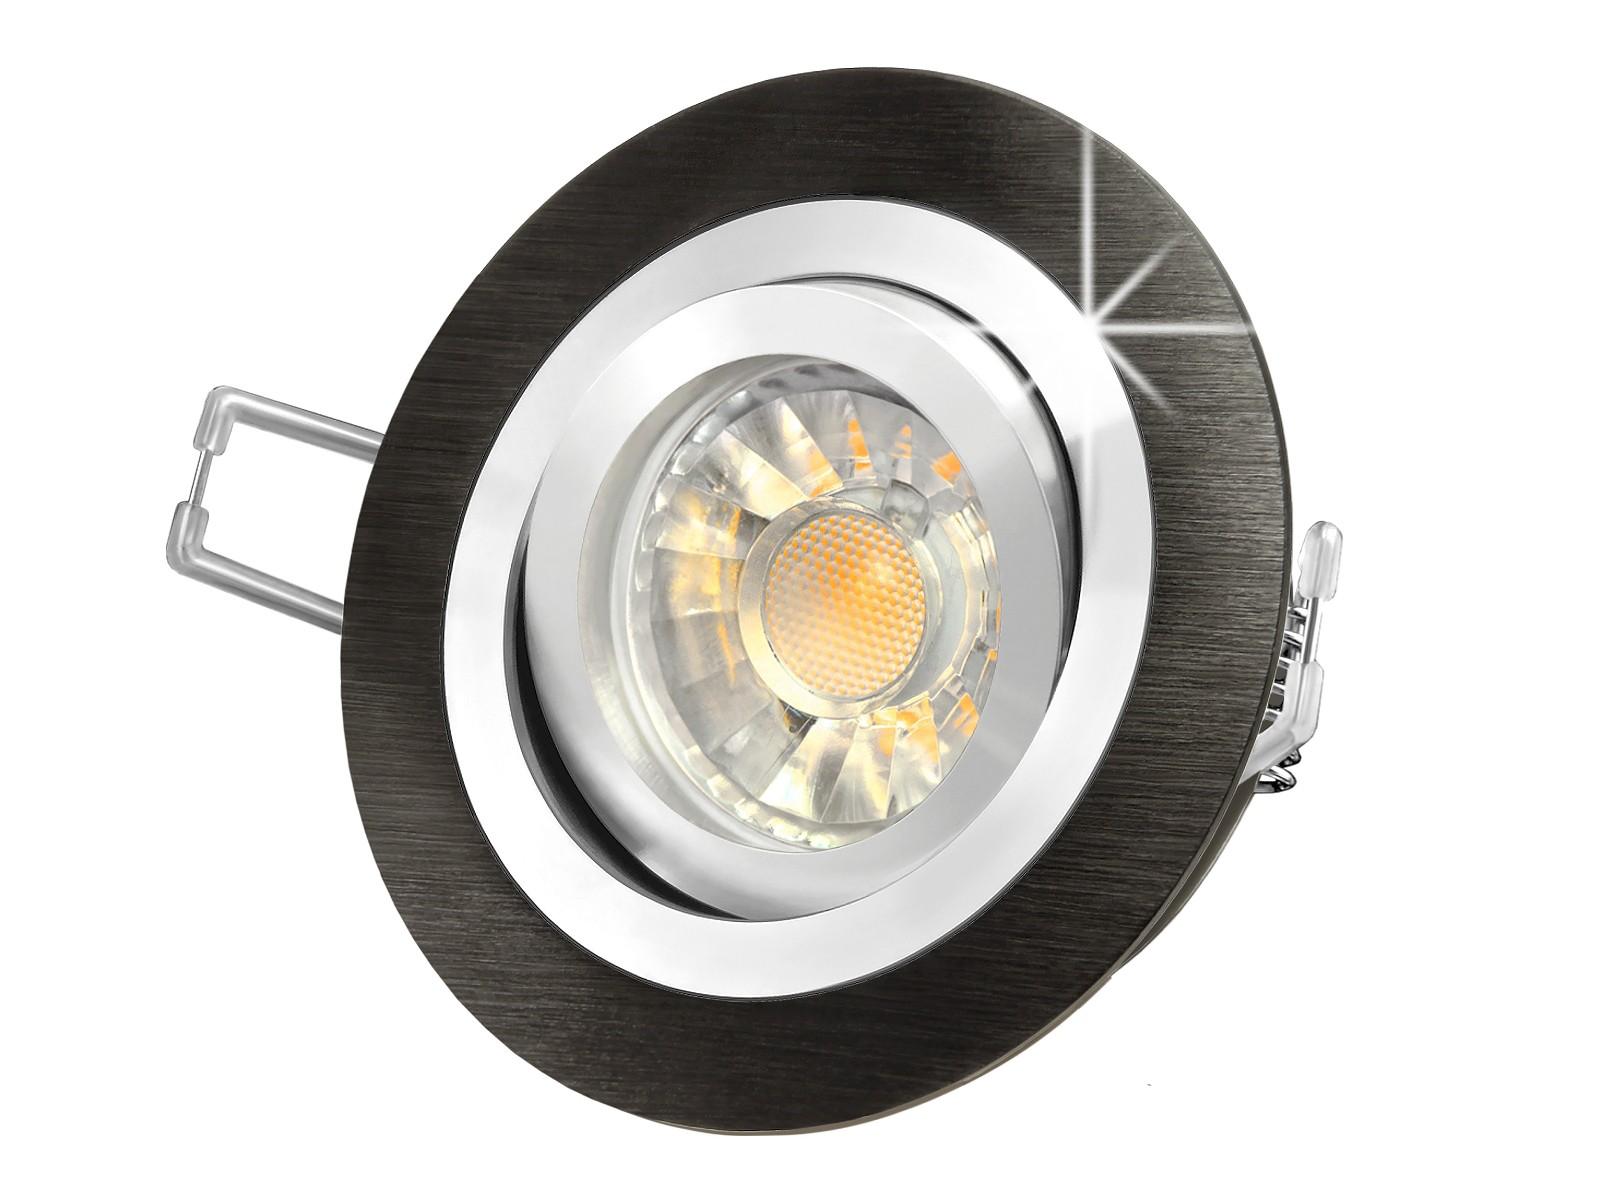 rf 2 led einbaustrahler leuchte rund alu schwarz geb rstet 5w smd warmwei dimmbar gu10 230v. Black Bedroom Furniture Sets. Home Design Ideas